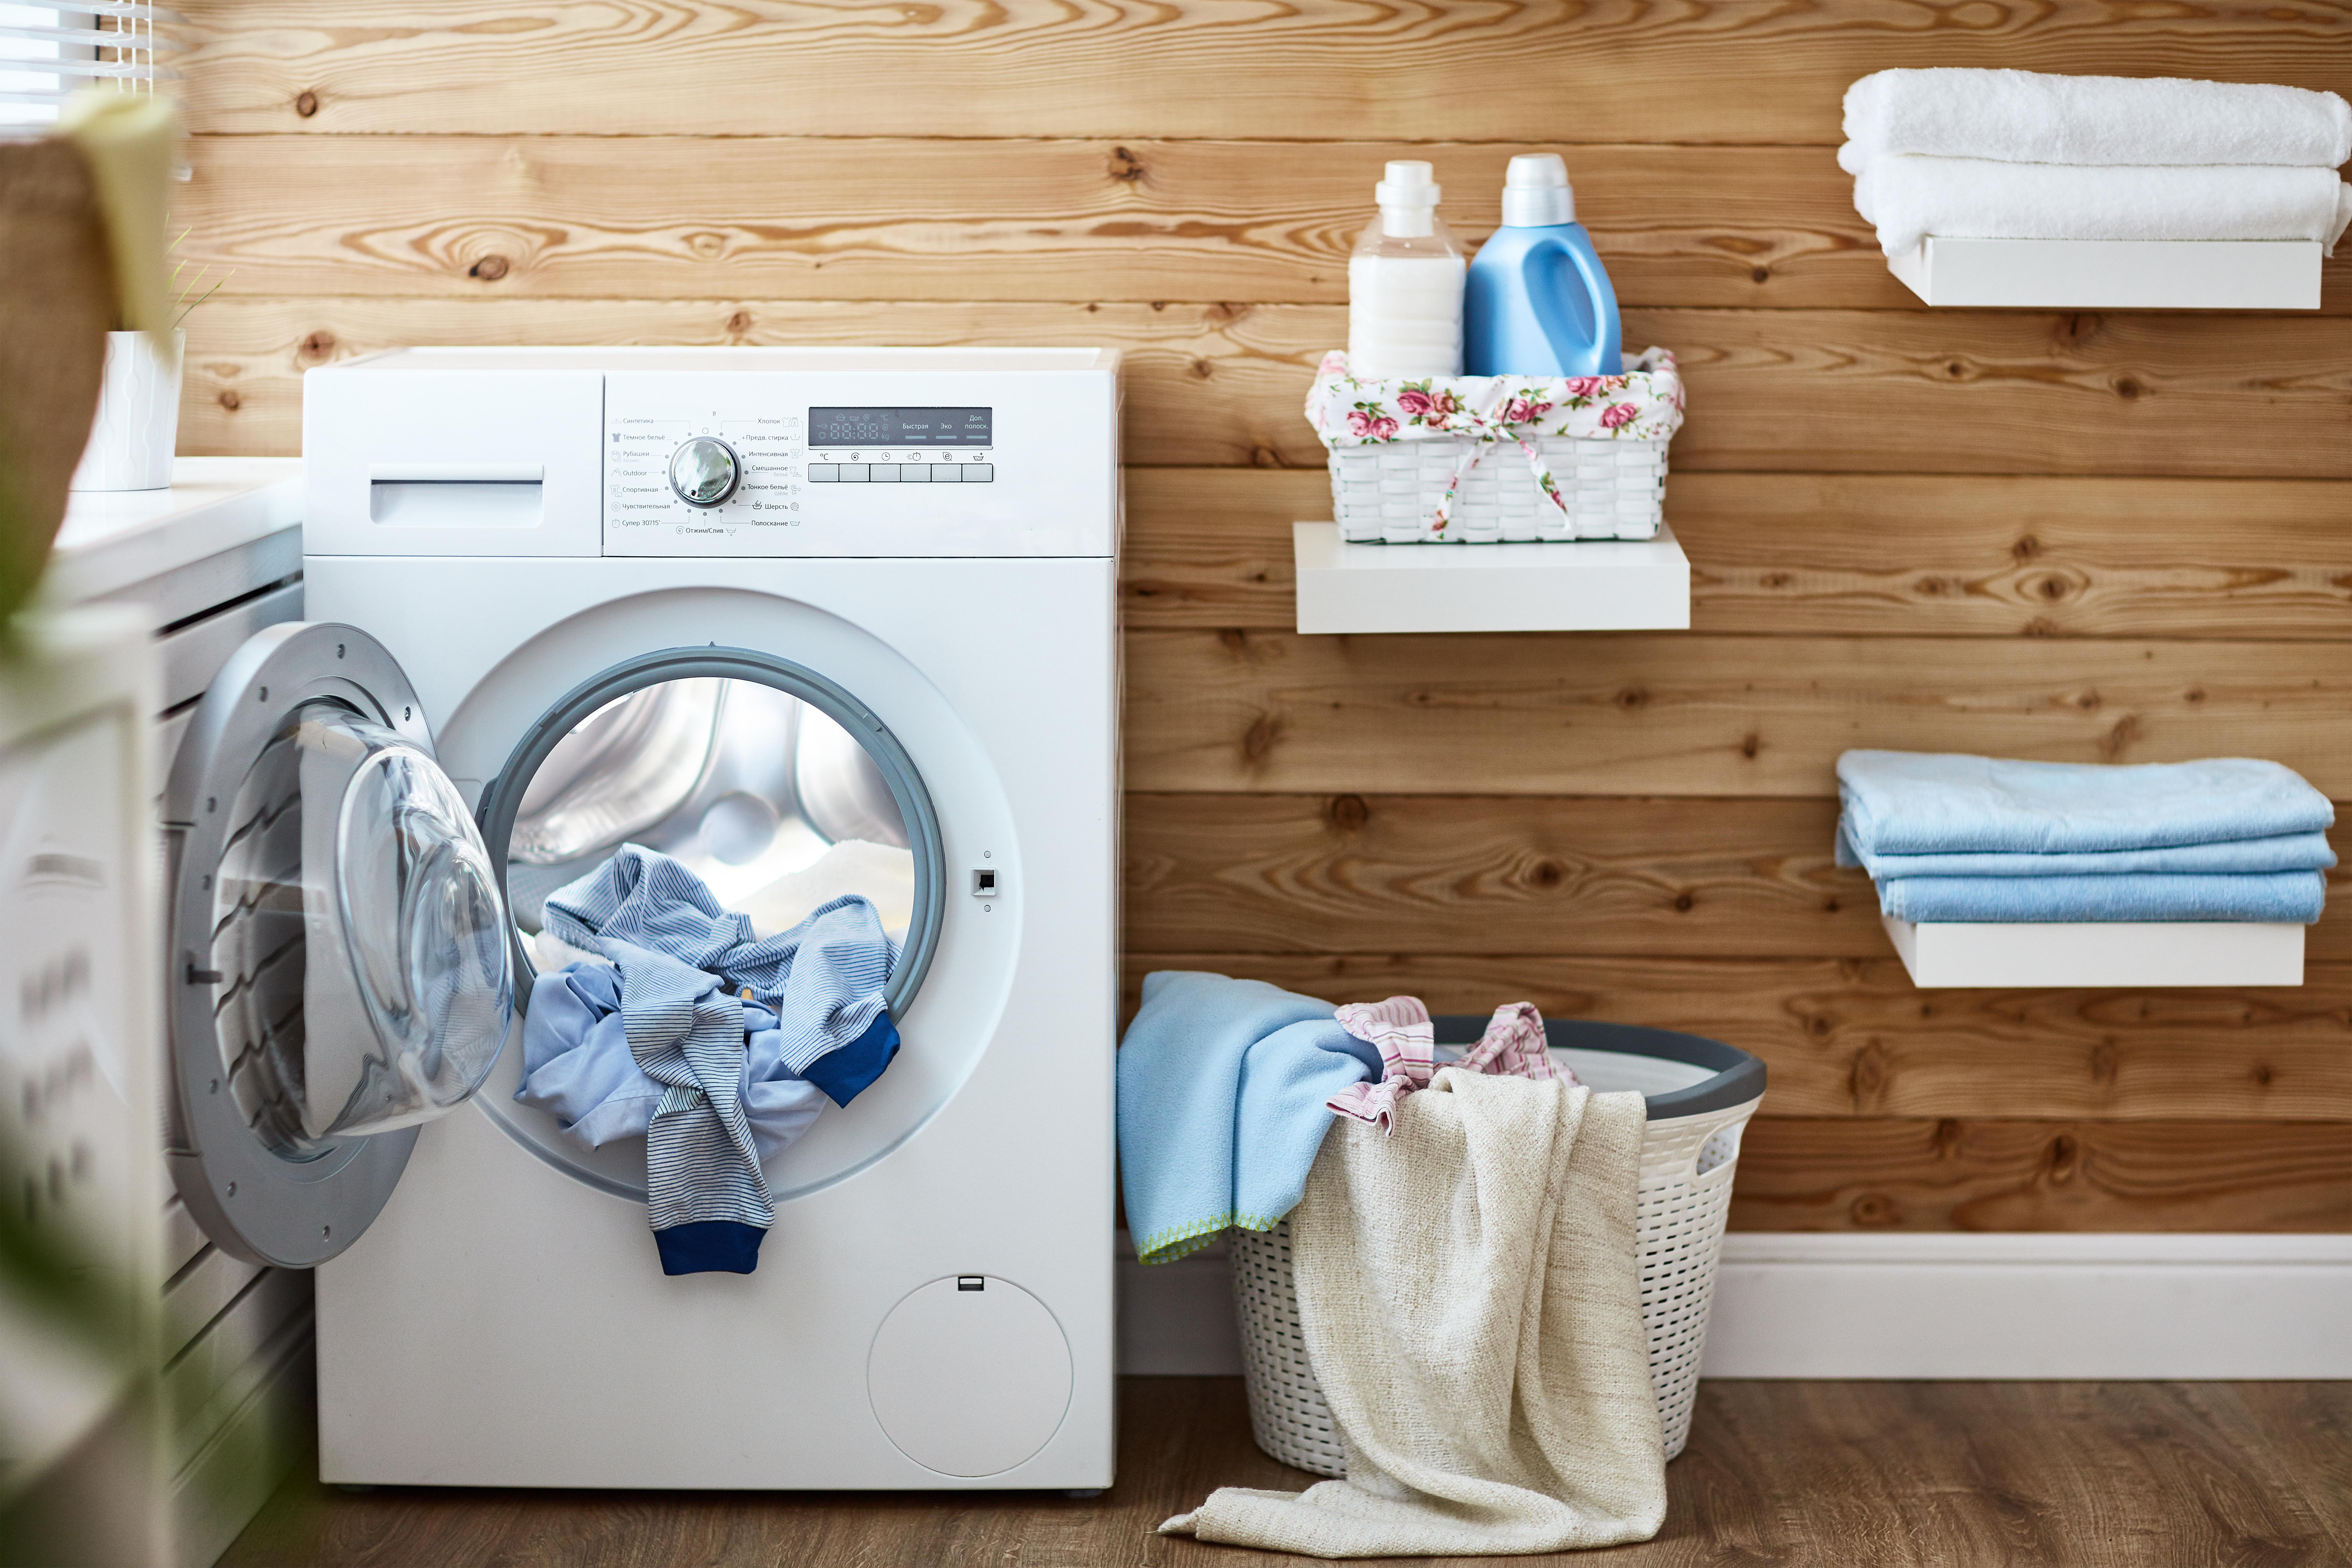 Una lavadora con ropa dentro